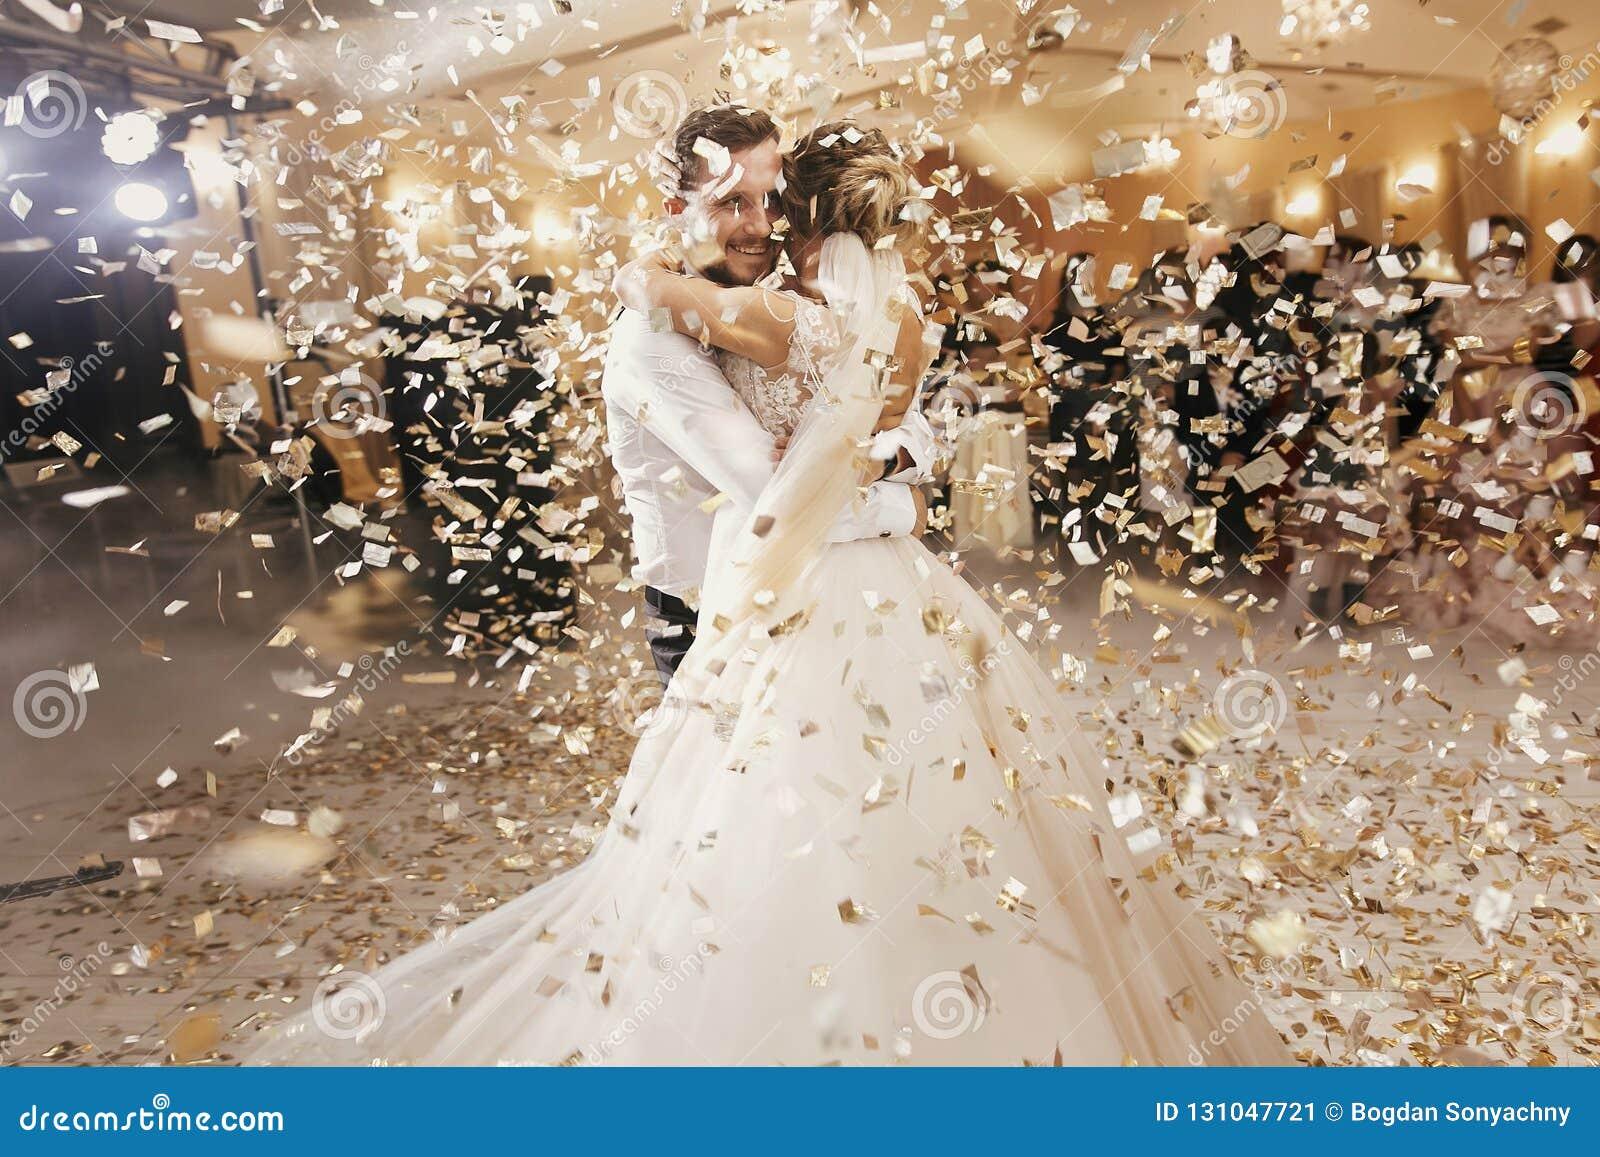 Πανέμορφη νύφη και μοντέρνος νεόνυμφος που χορεύουν κάτω από το χρυσό κομφετί α